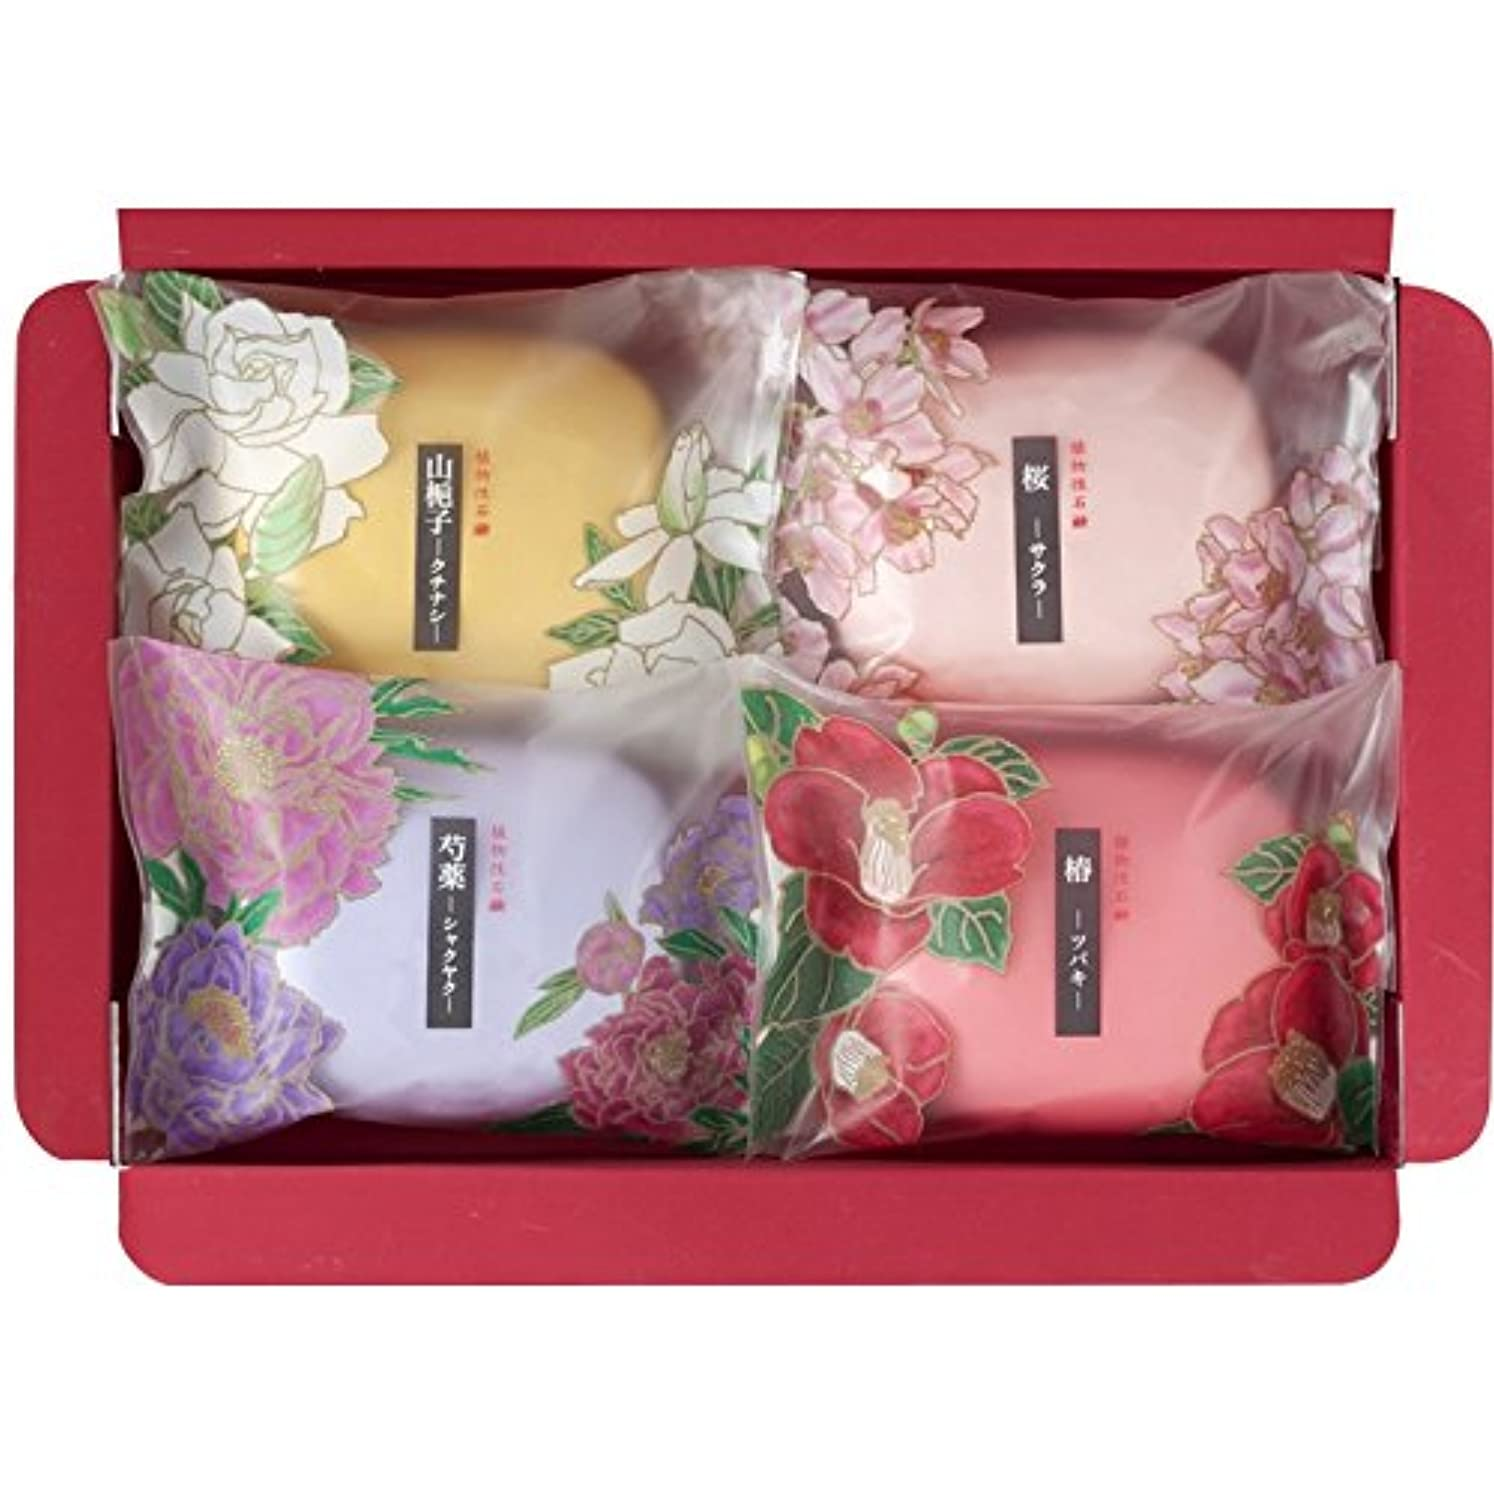 ファンタジー豊富なインク彩花だより SAK-05 【石けん 石鹸 うるおい いい香り 固形 詰め合わせ セット 良い香り 美容 個包装 肌に優しい 日本製】